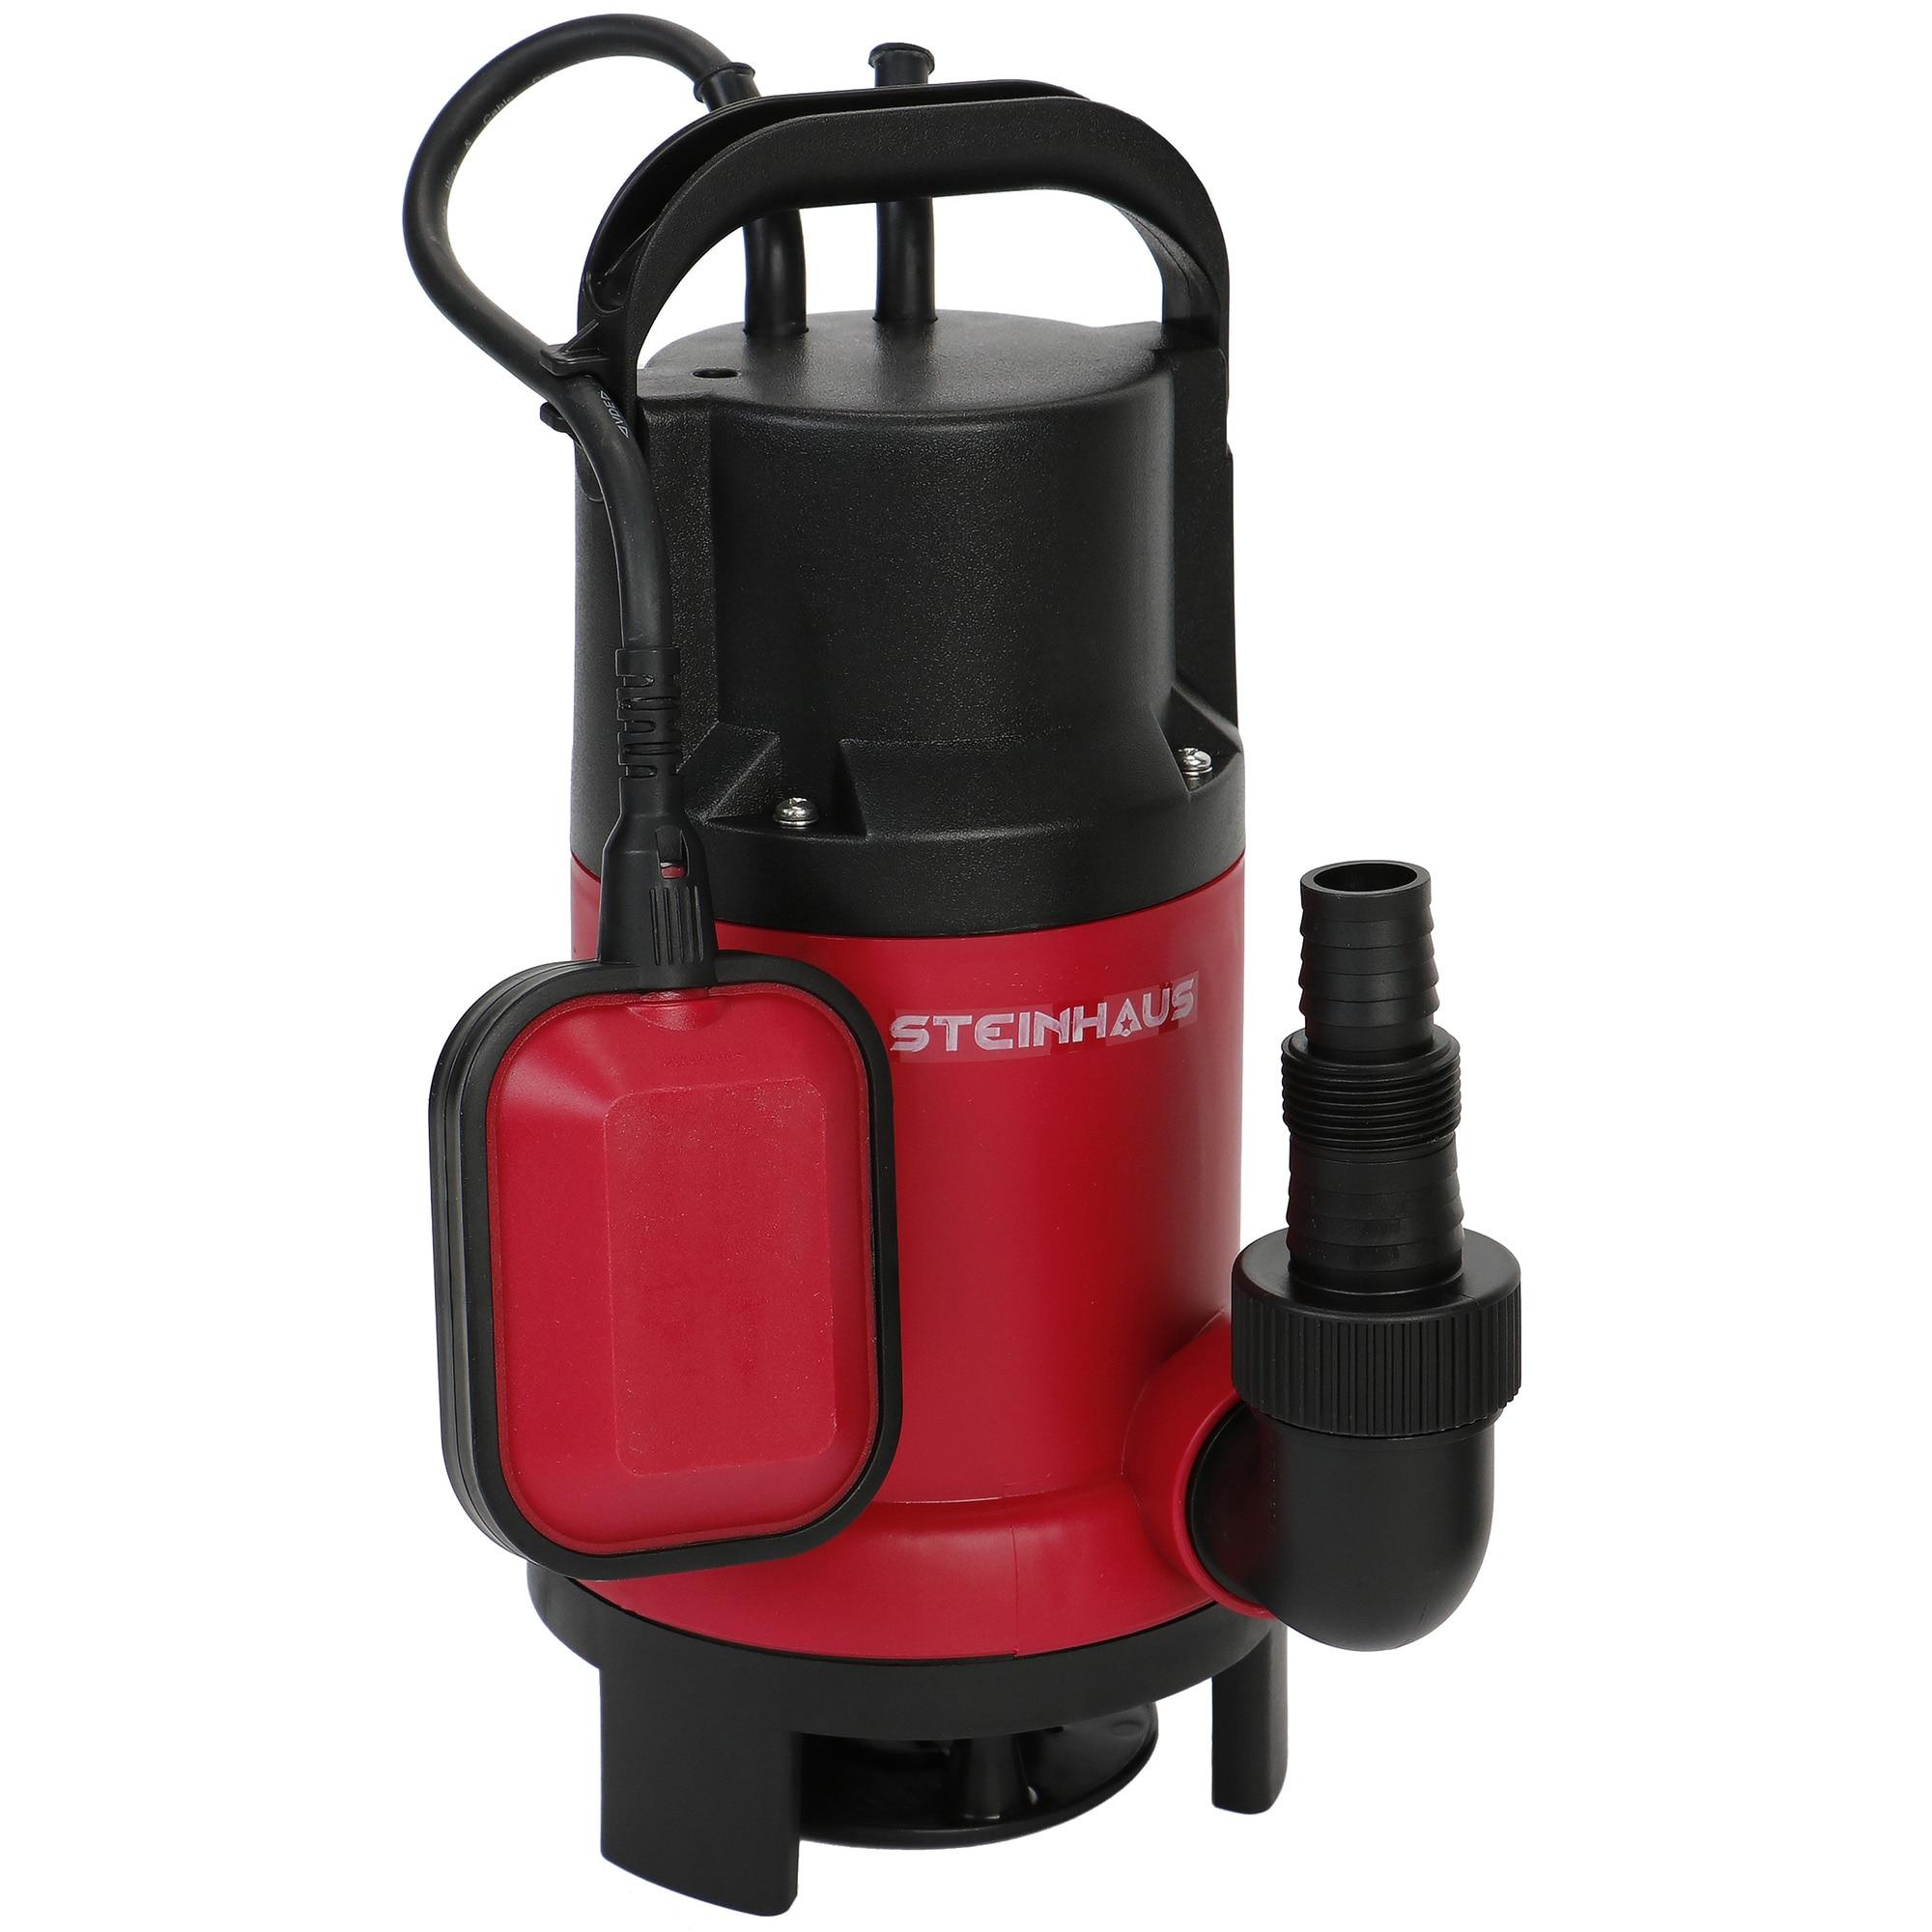 Fotografie Pompa submersibila pentru apa murdara Steinhaus, PRO-SP900, 900W, 14000 l/h, 0.85 bar